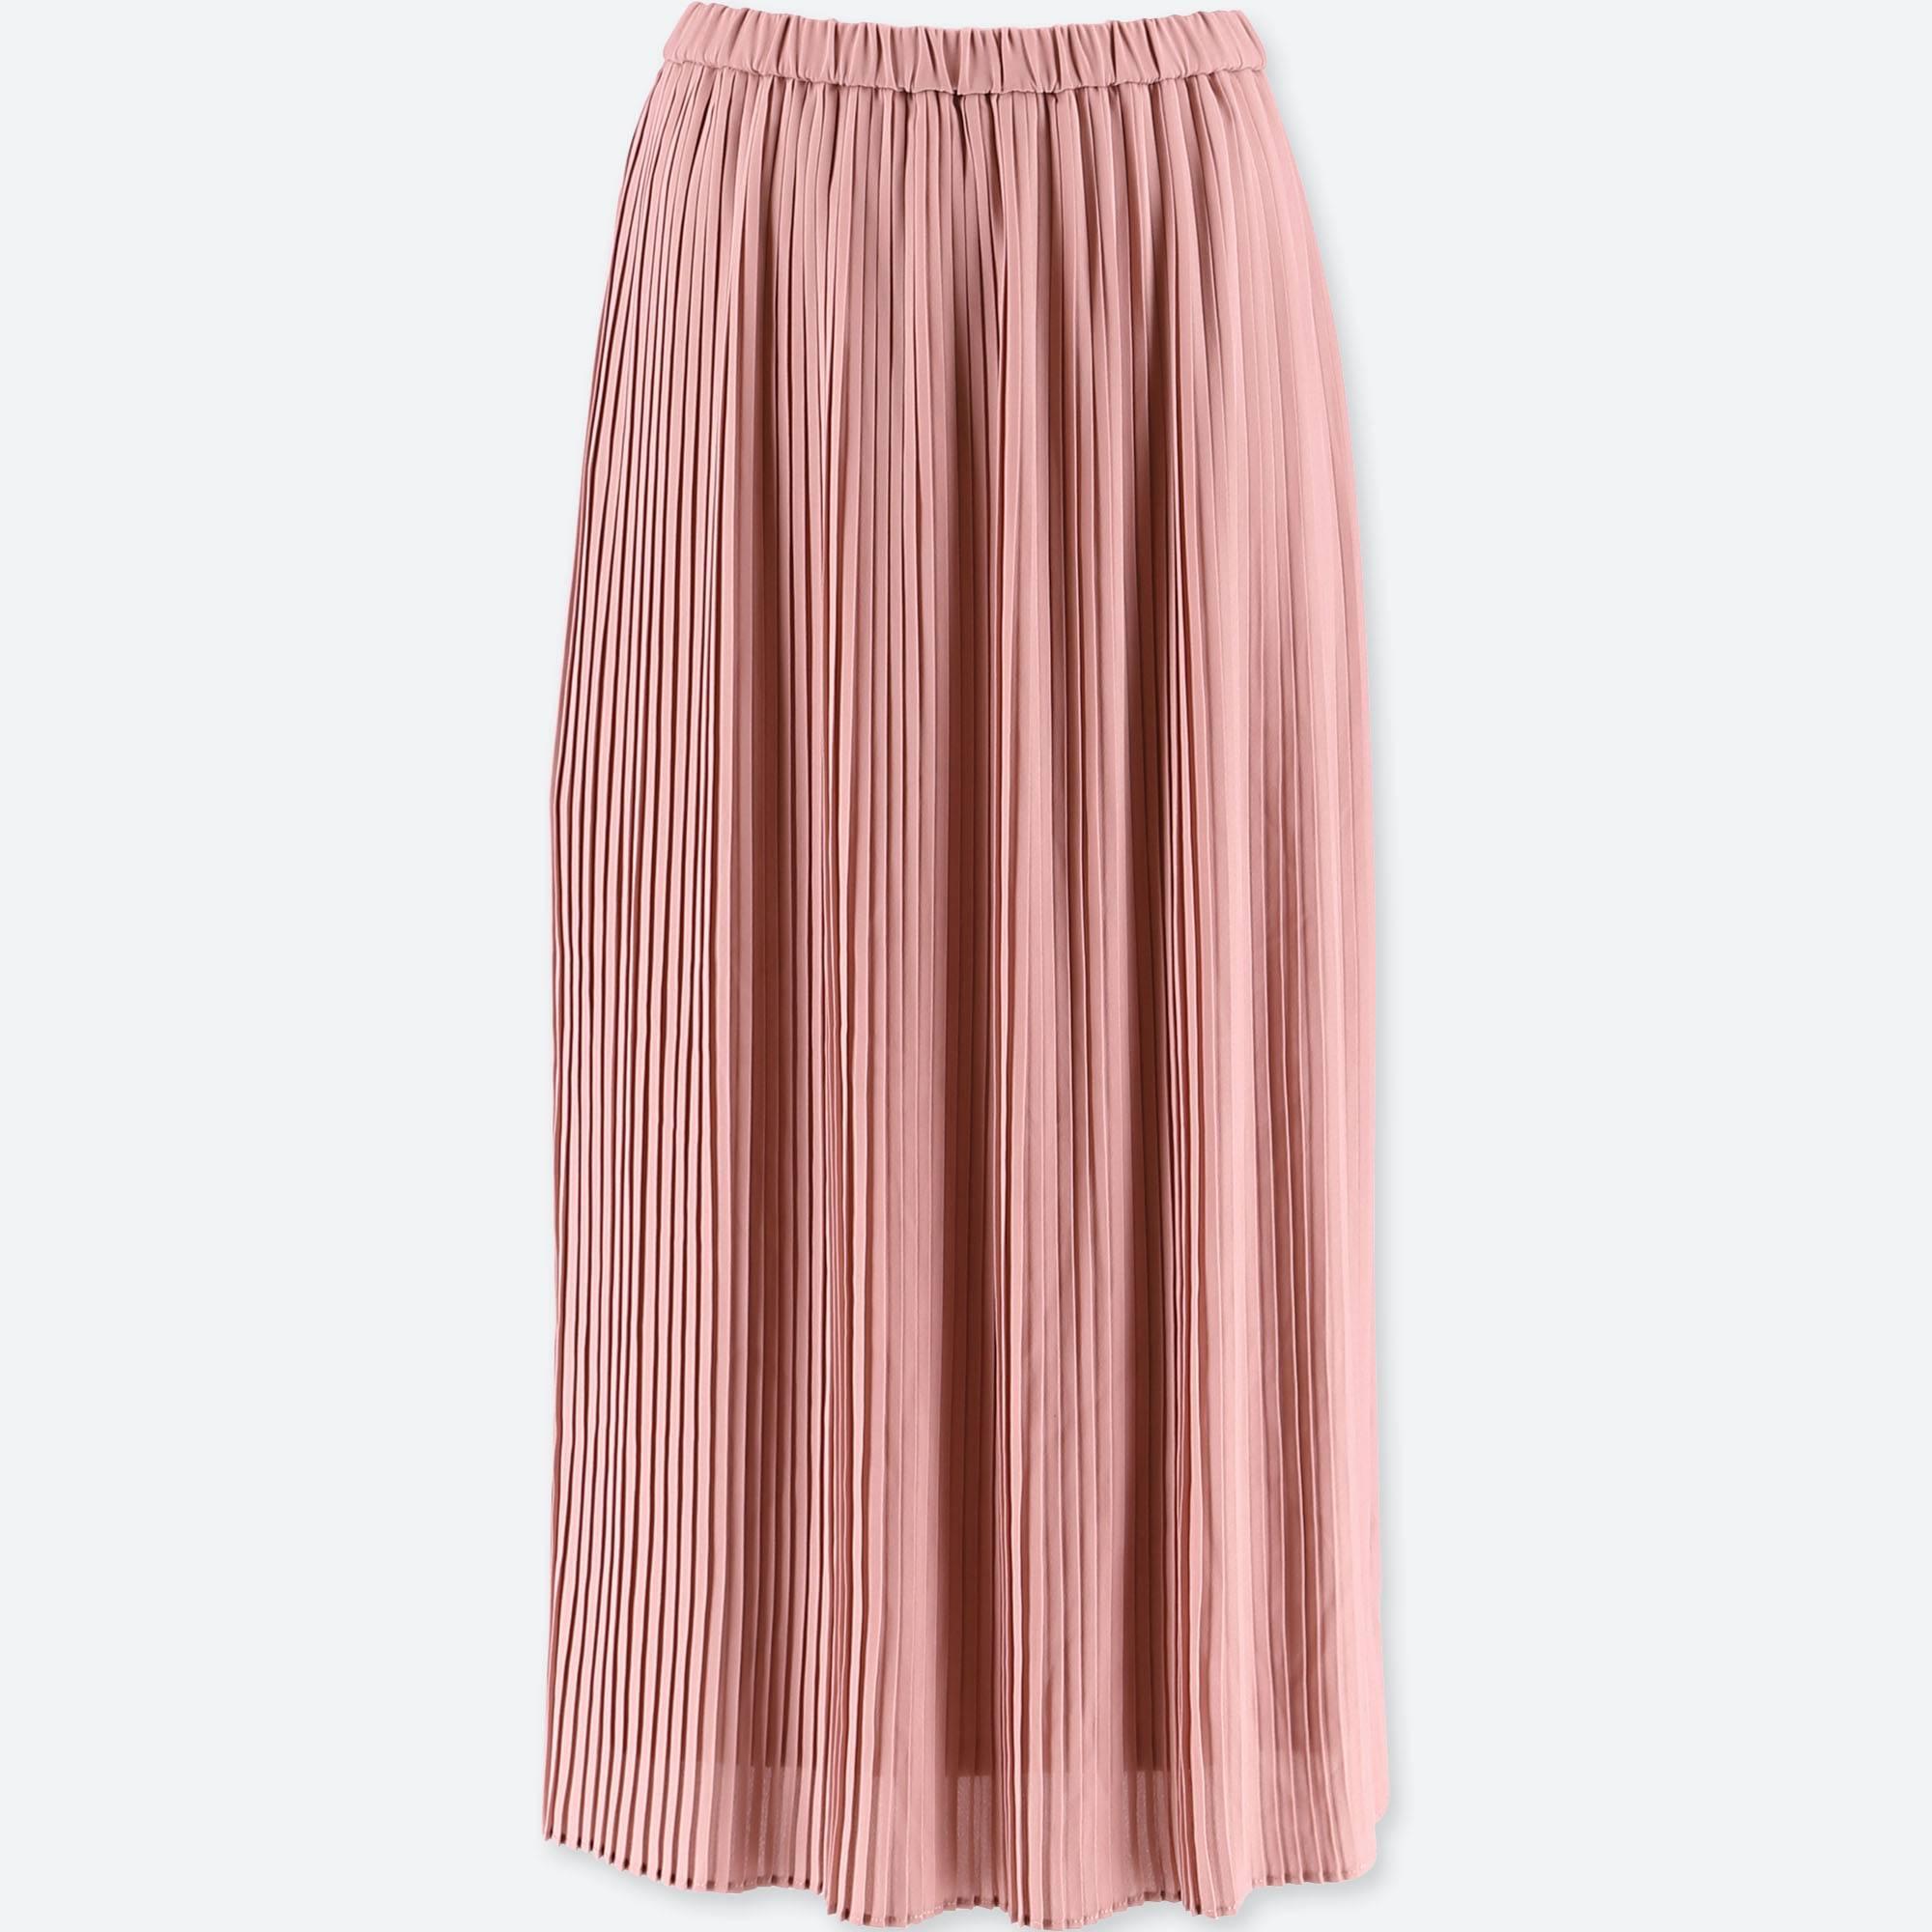 pink skirt opens a new window. ryfulnp